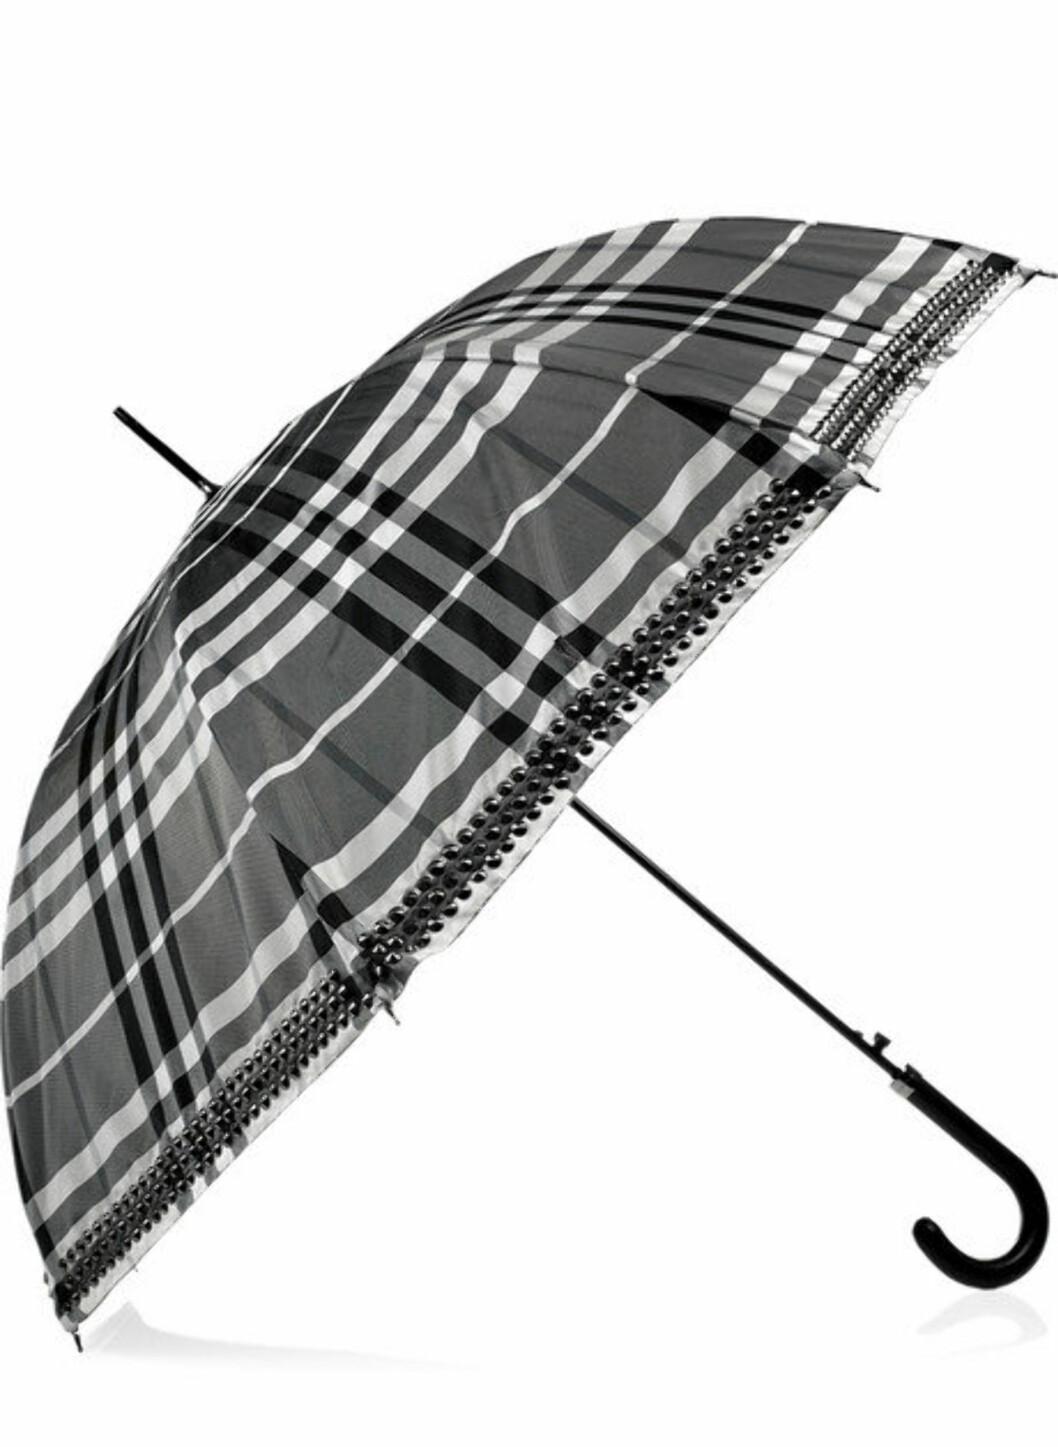 Til luksusdyret. Røff paraply fra Burberry med nagler (ca kr.2800/net-a-porter.com). Foto: Produsenten